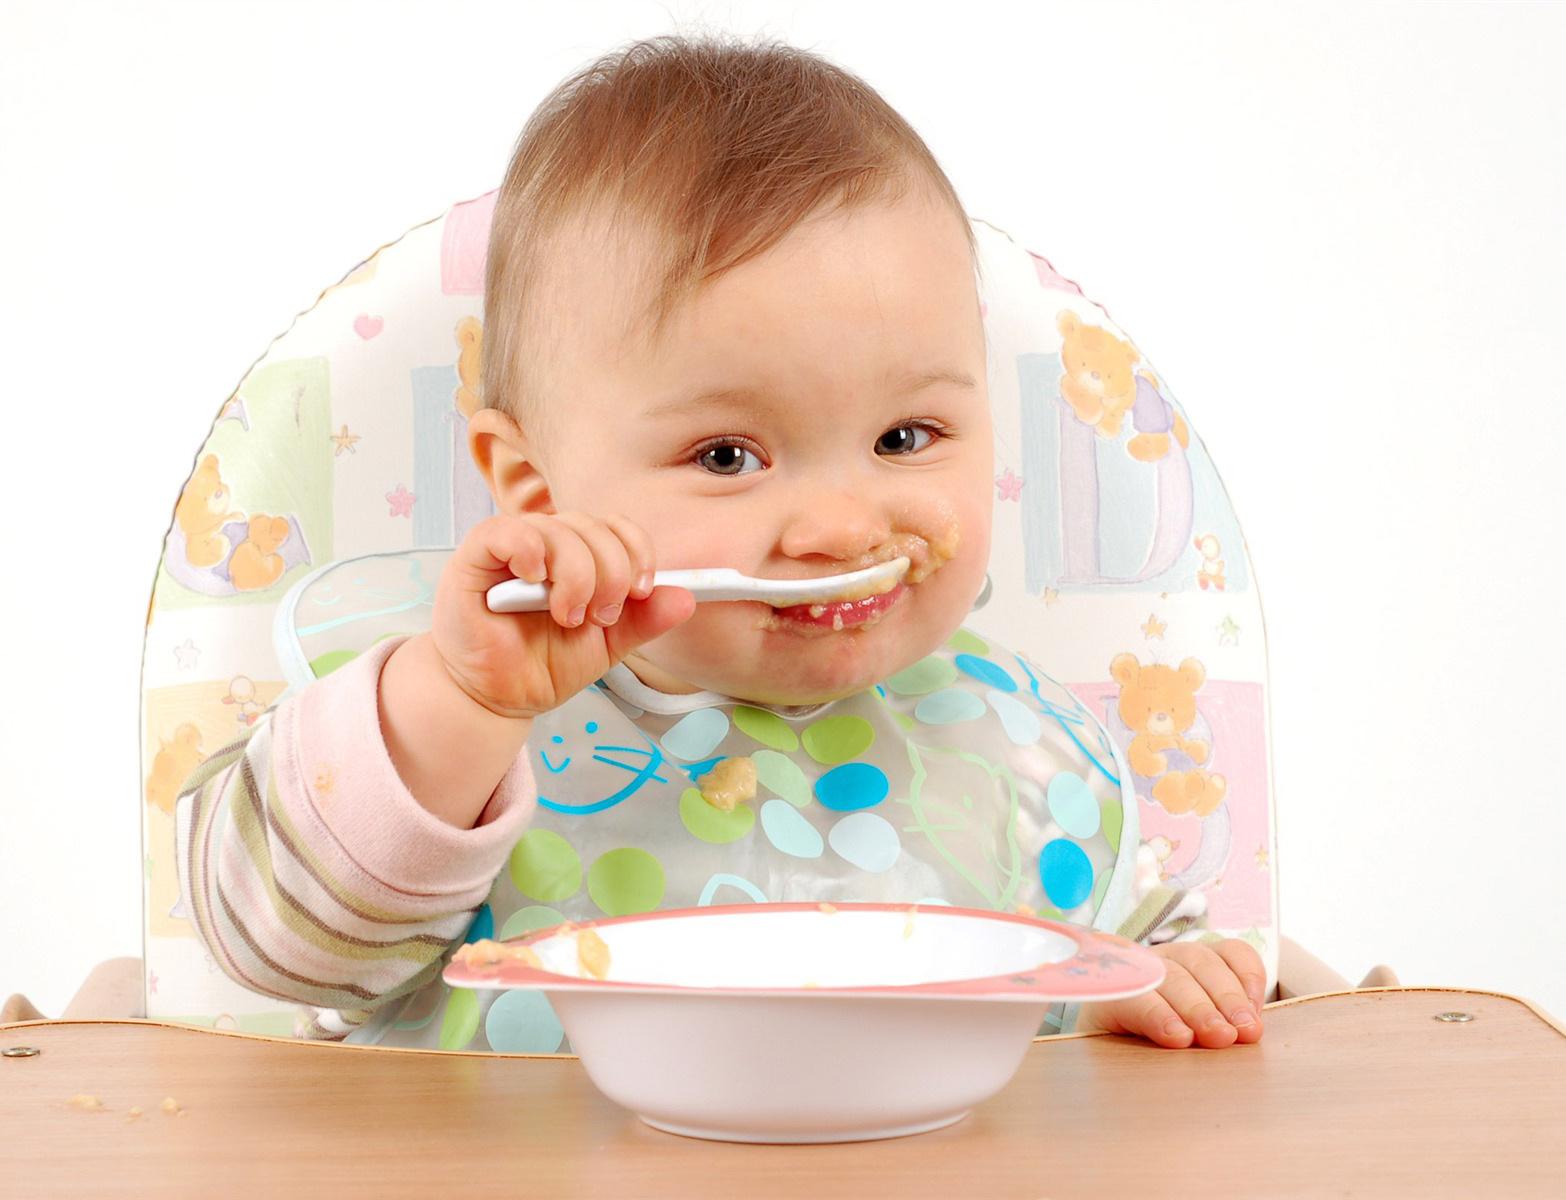 baby-eating.jpg